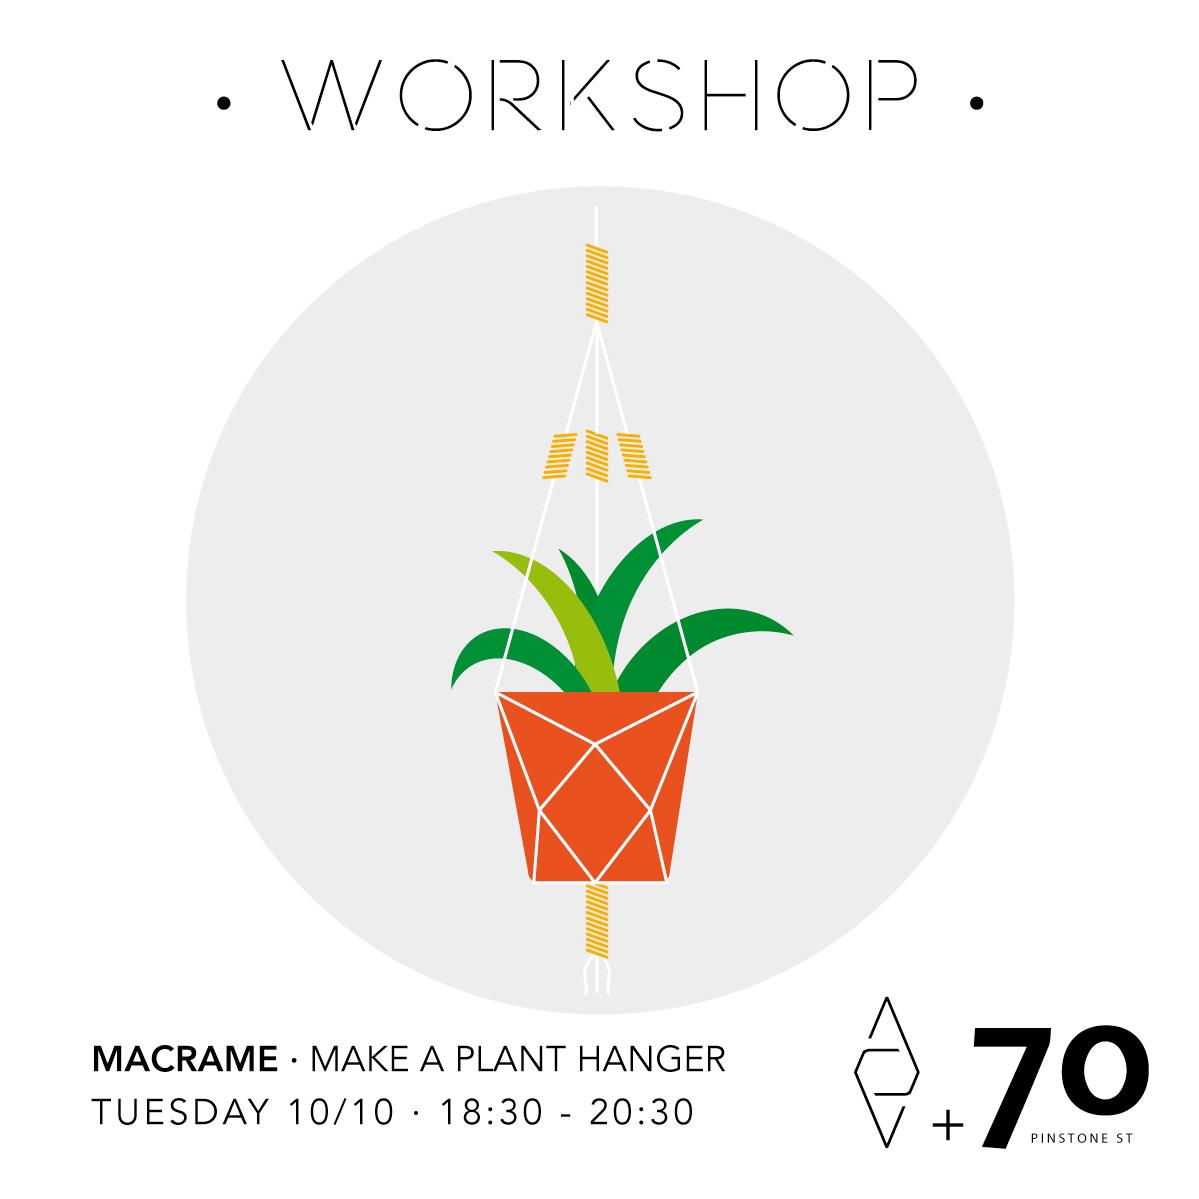 planthanger-workshop9.jpg